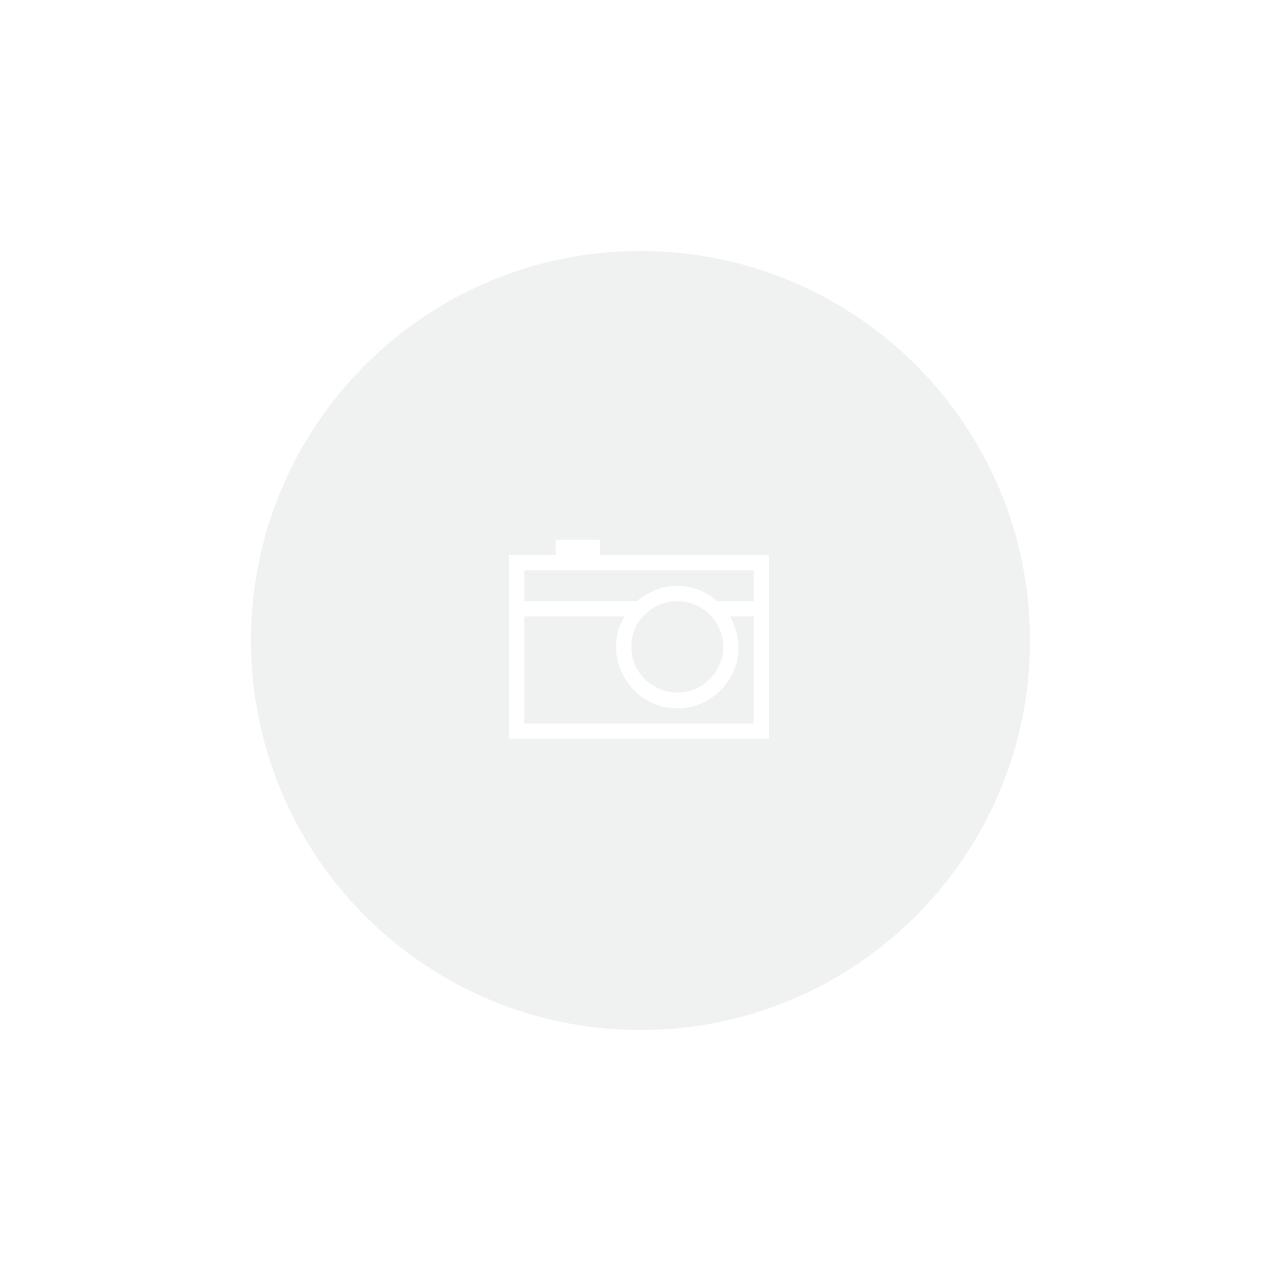 FAROL 2 LEDS 5 WATTS ELLEVEN 8 FUNÇÕES RECARREGÁVEL USB